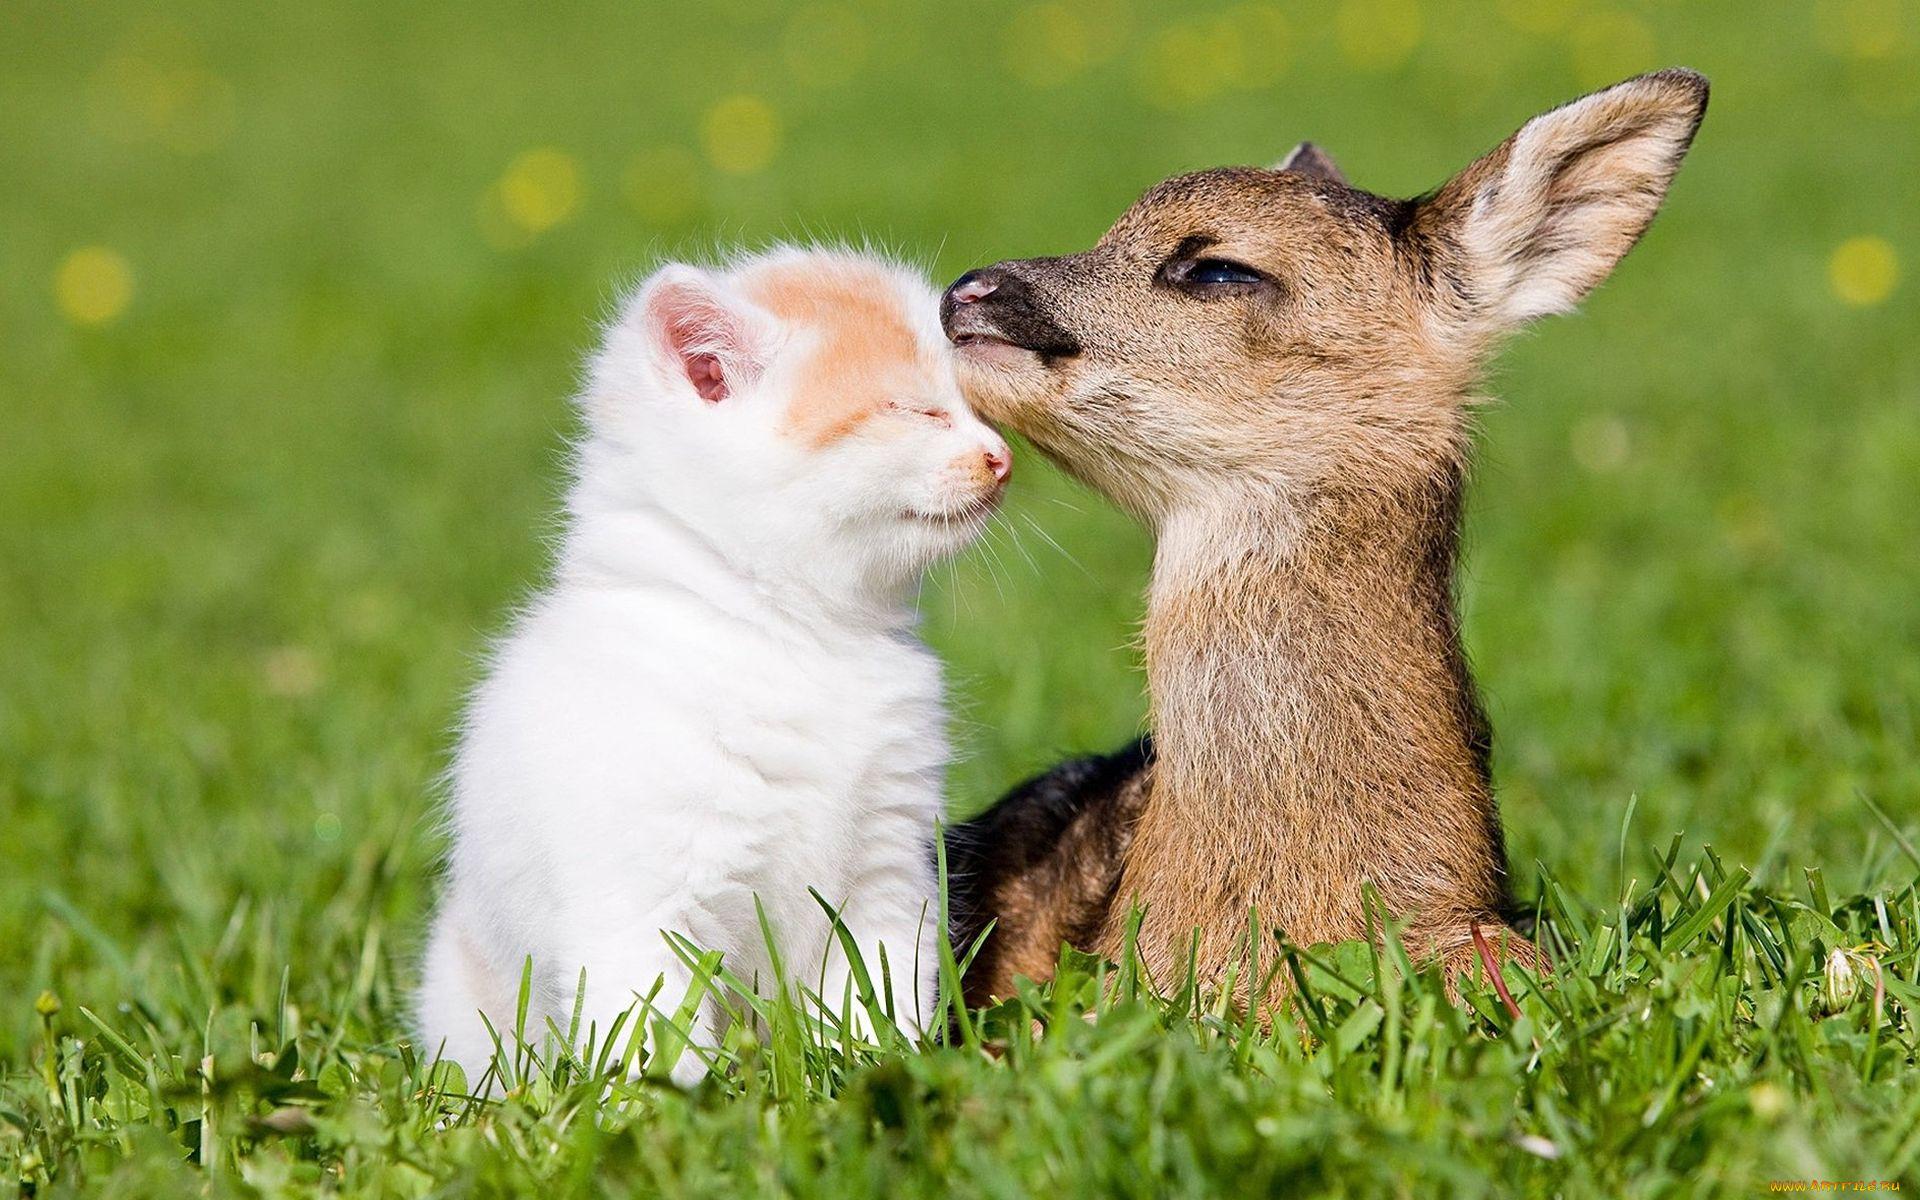 свежие картинки про животных выбрал